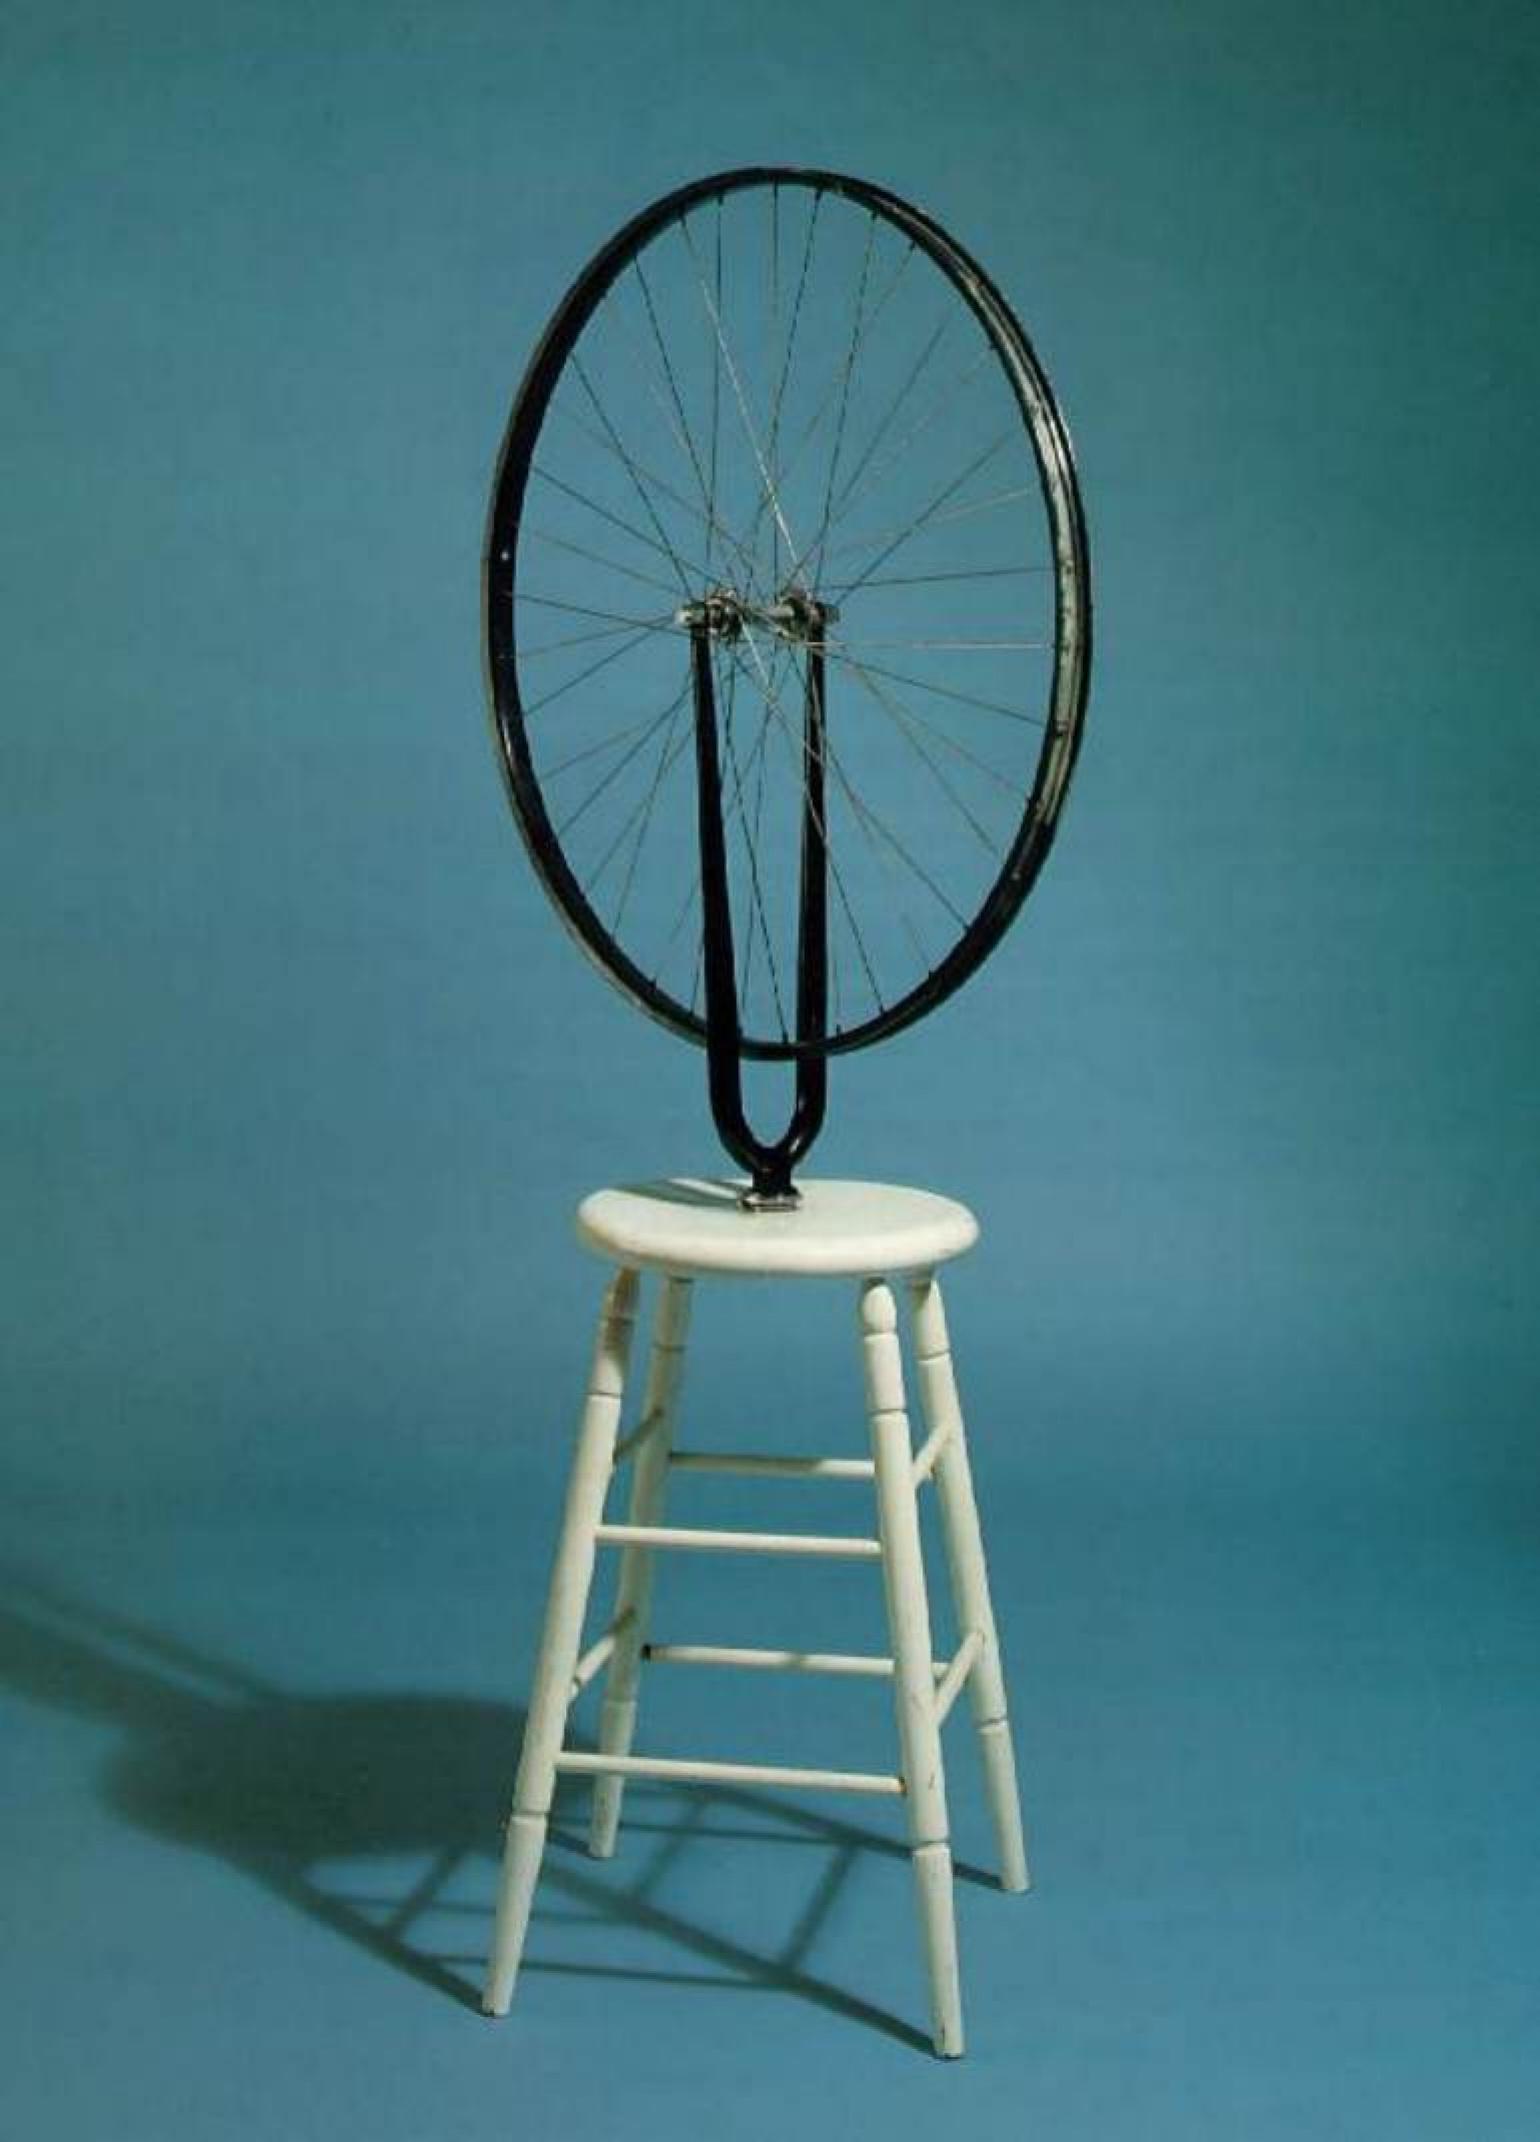 Марсель Дюшан. Колесо велосипеда